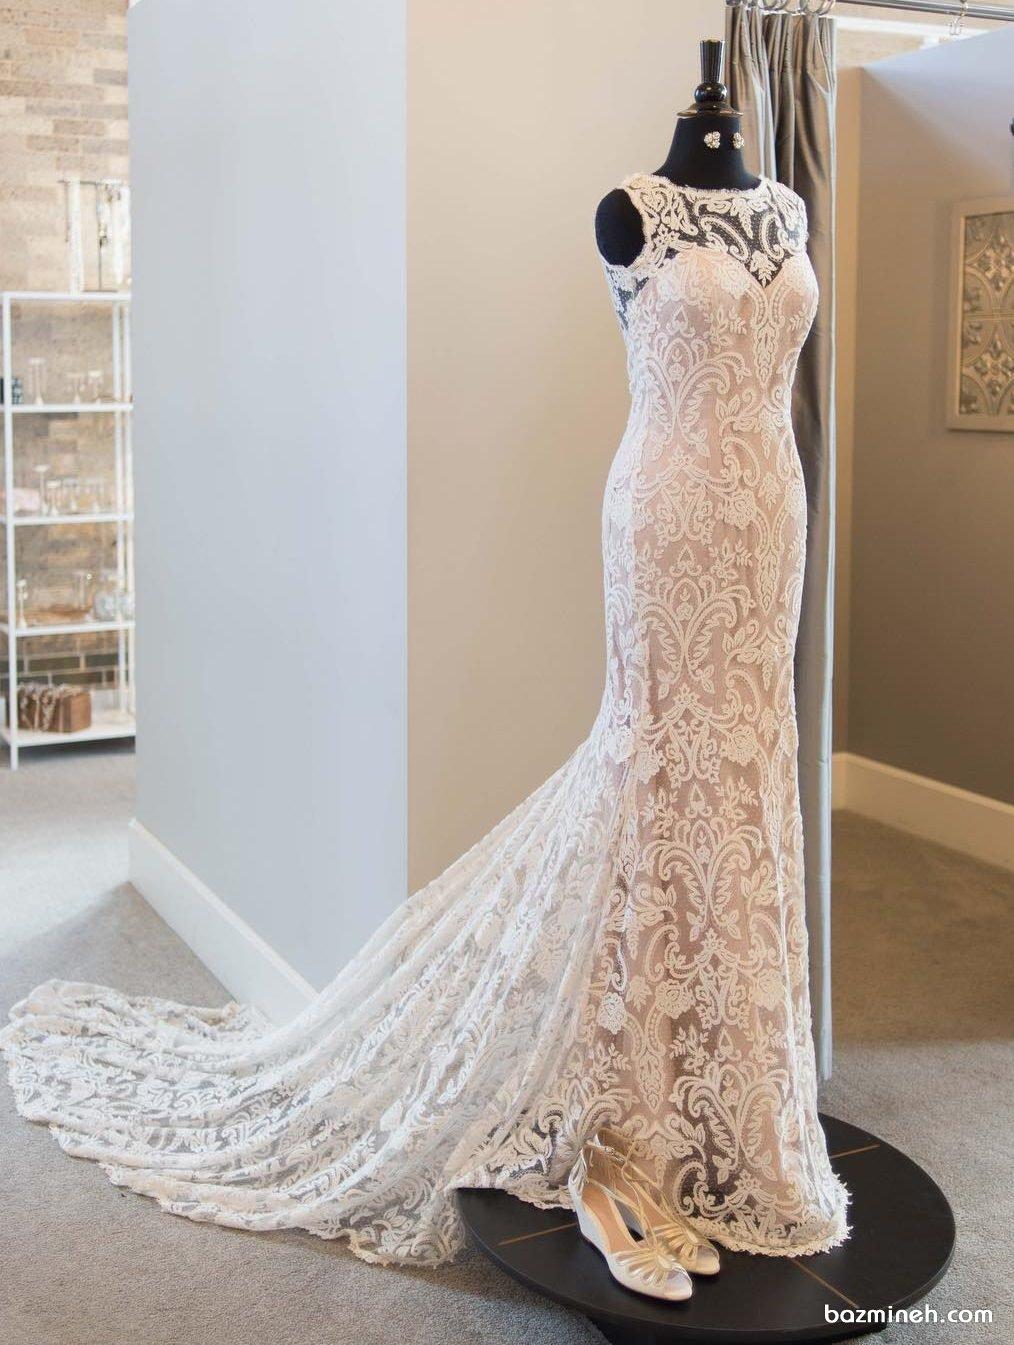 پیراهن مجلسی ماکسی دنباله دار با پارچه دانتل سفید رنگ مناسب برای لباس نامزدی یا لباس عروس به سبک بوهو